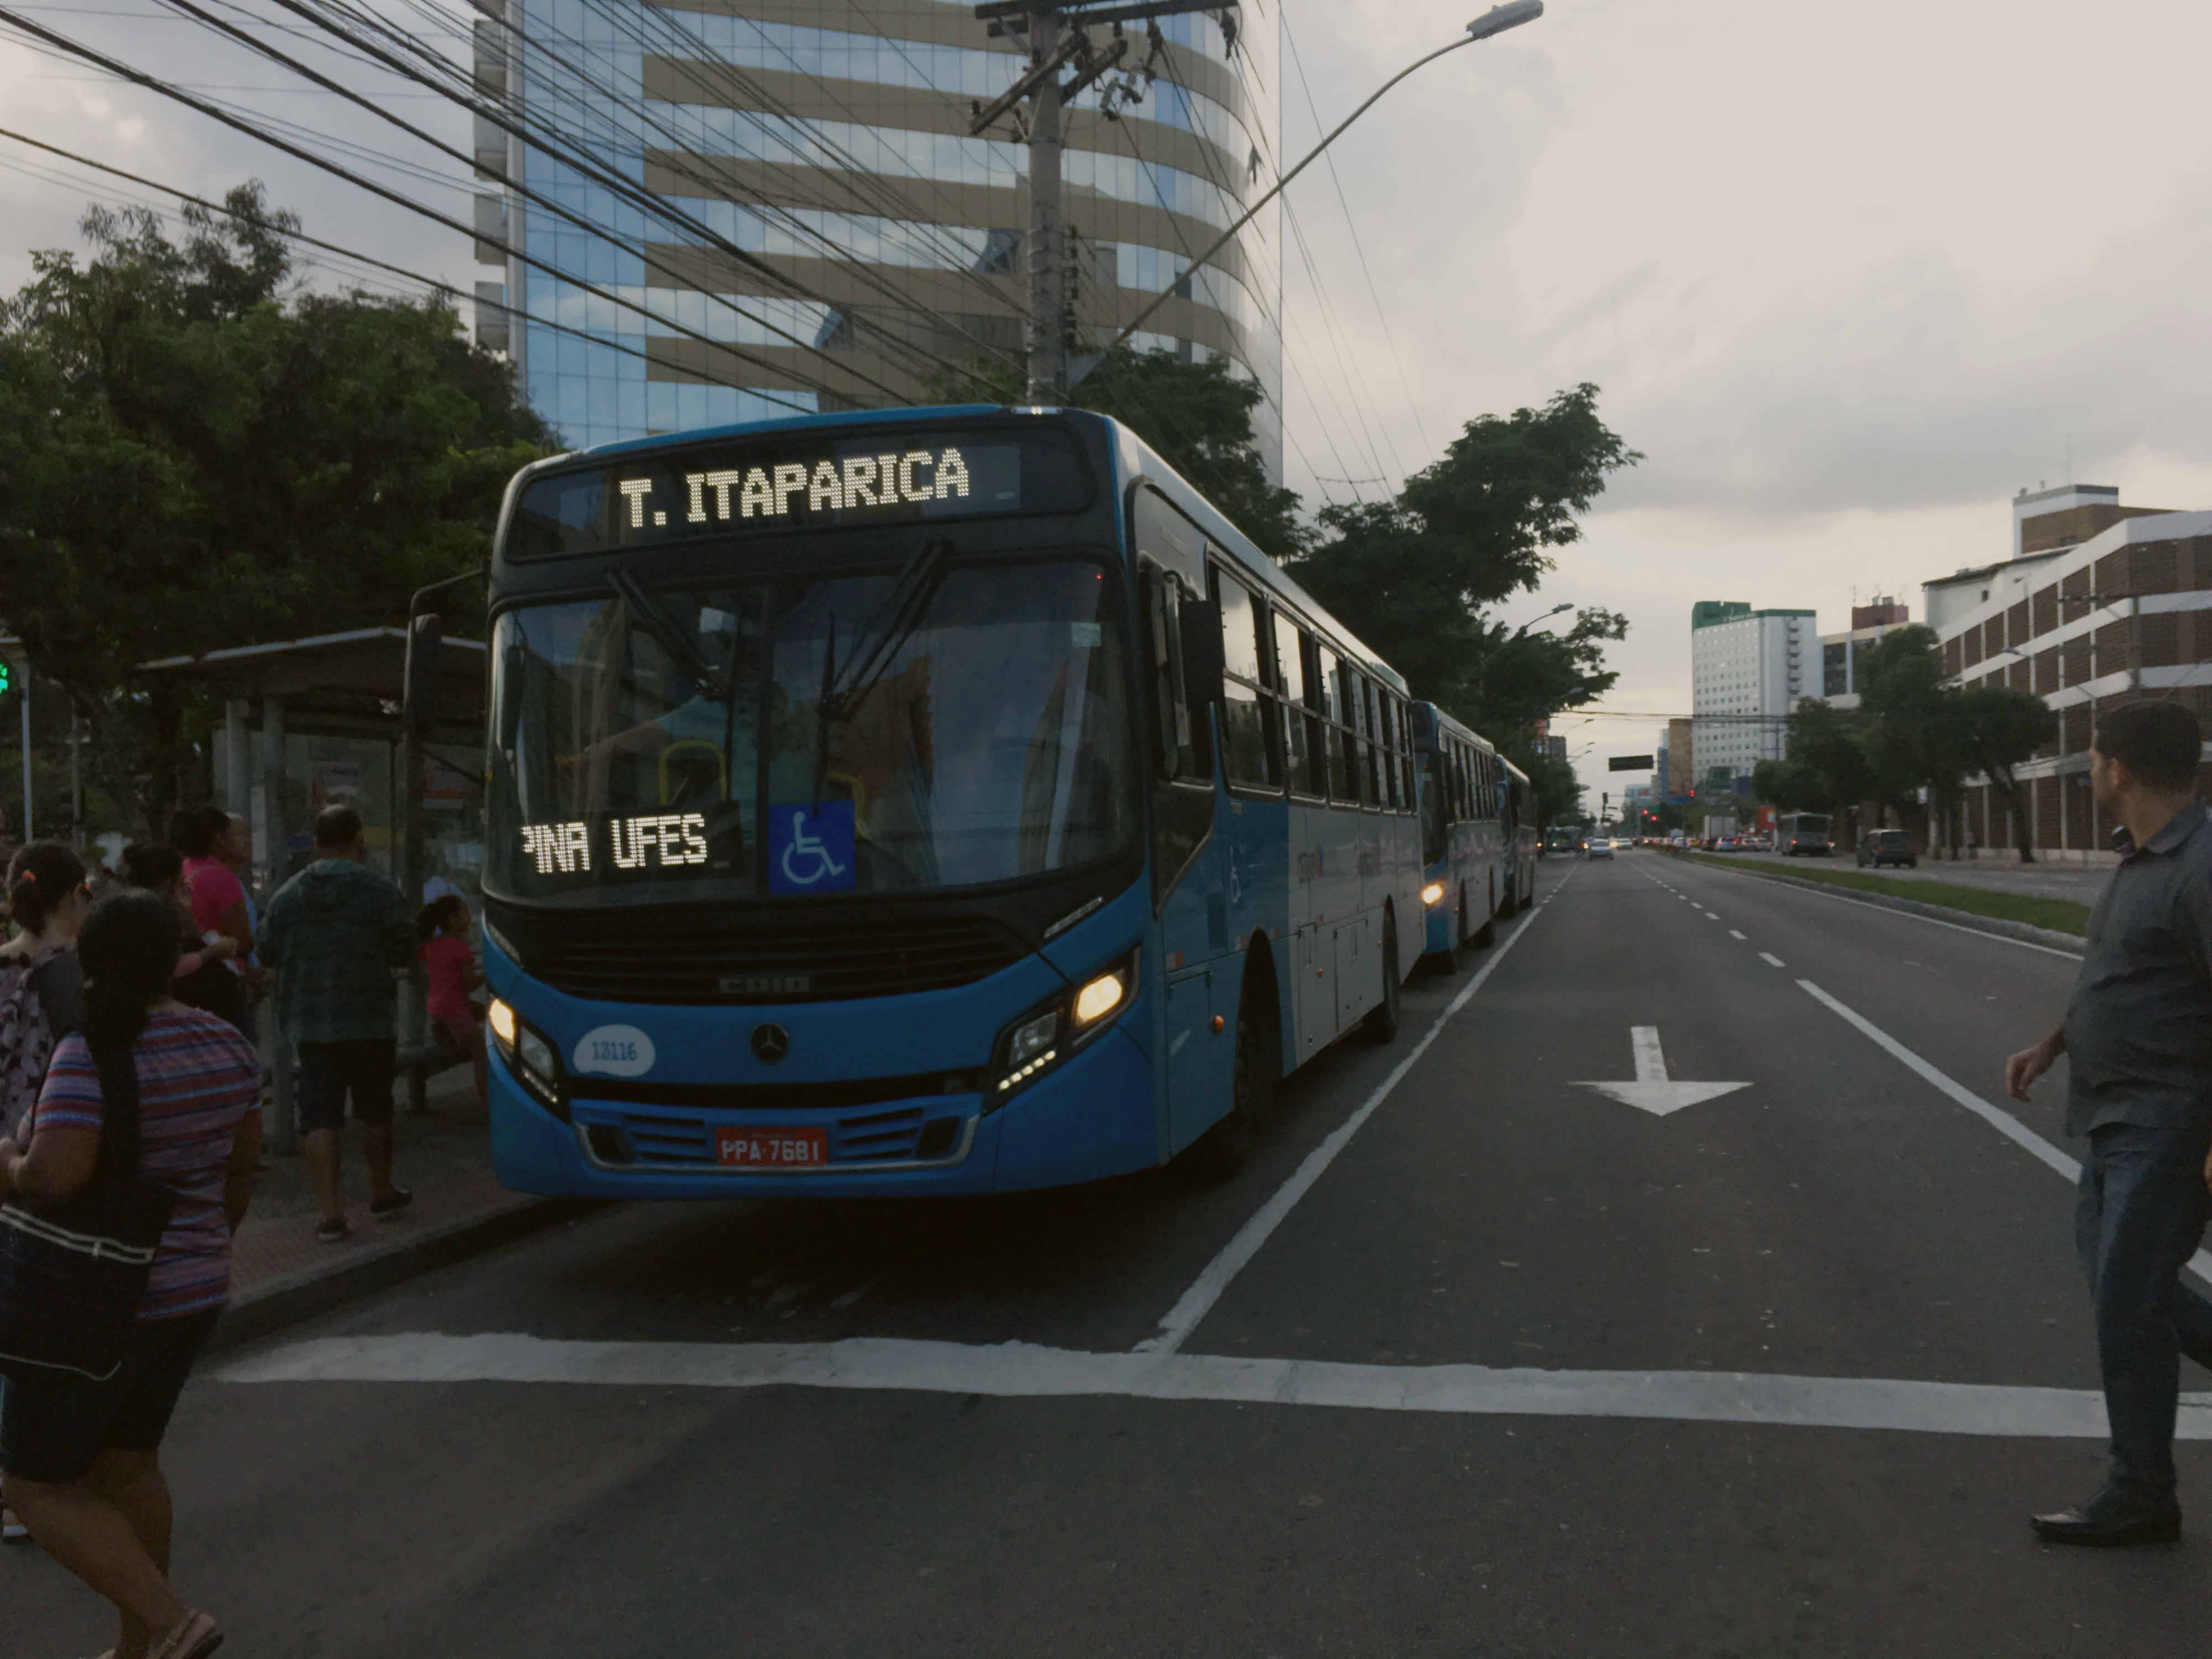 Economia, praticidade e necessidade. Esses são os principais motivos pelos quais os brasileiros preferem o transporte coletivo por ônibus em detrimentos dos outros, como metrô ou transporte individual (carros e taxis).